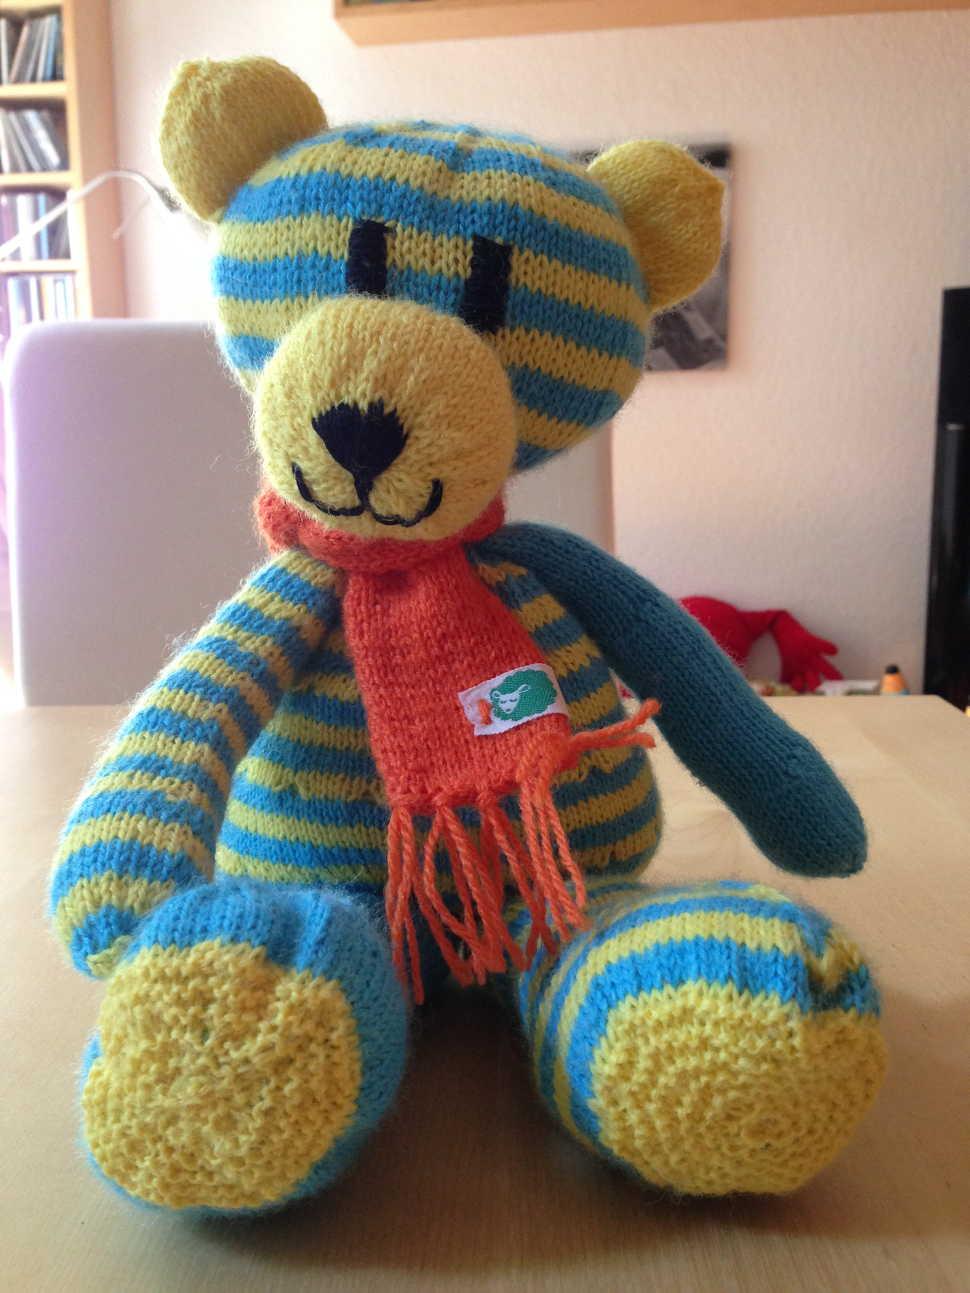 Der Winter kann kommen, der Ringel-Teddy ist vorbereitet